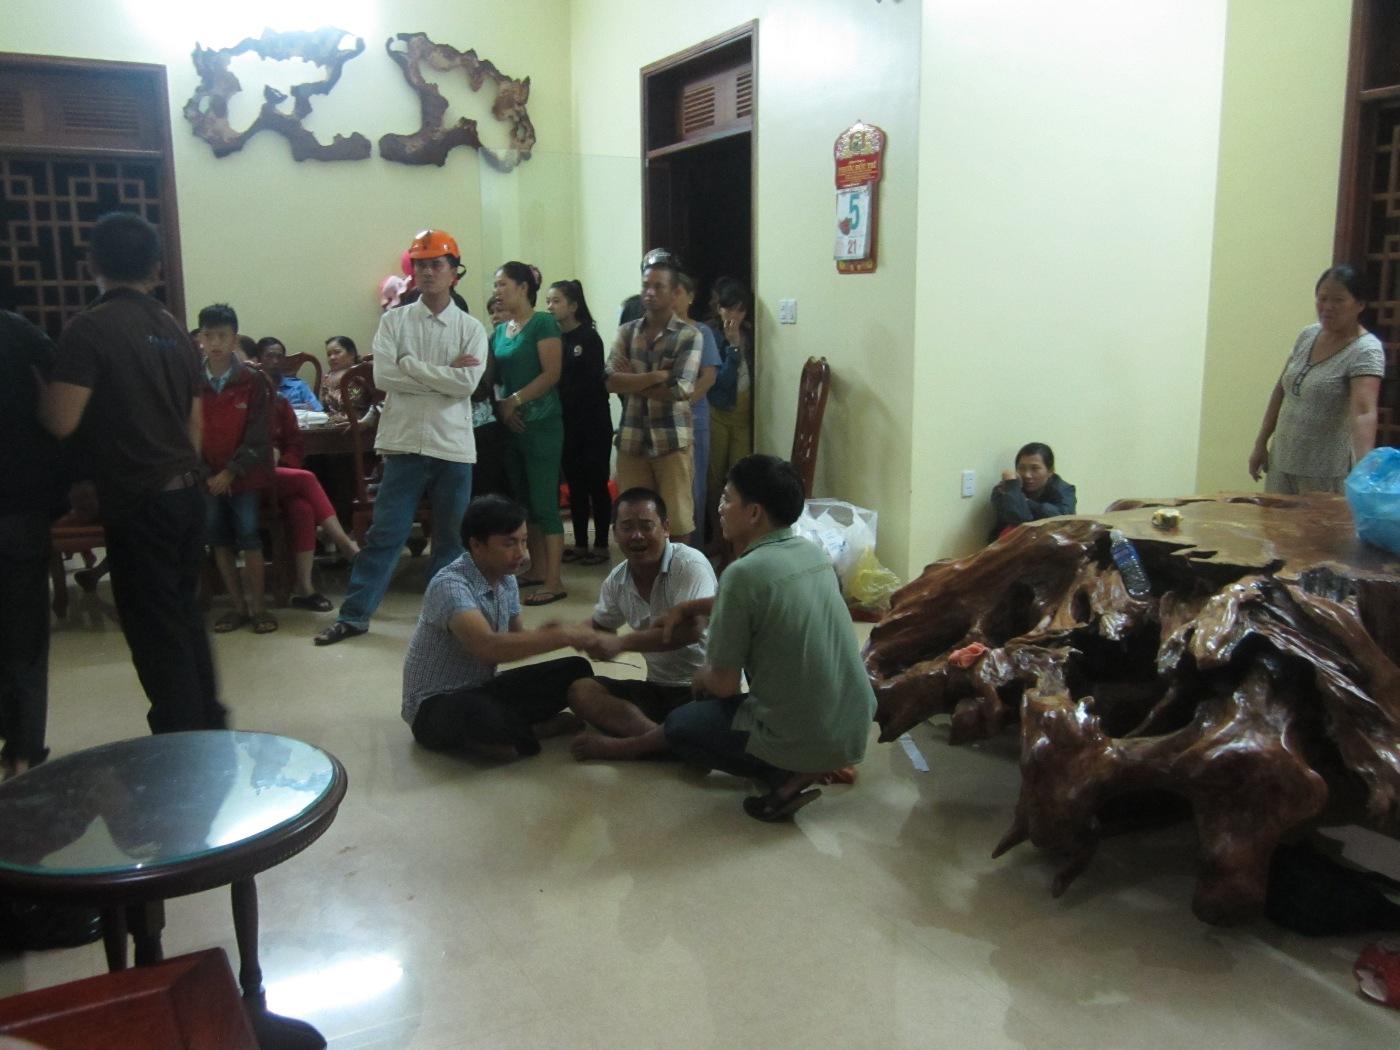 Án mạng ở Quảng Trị: Thai phụ dũng cảm cứu bé 4 tuổi - 3